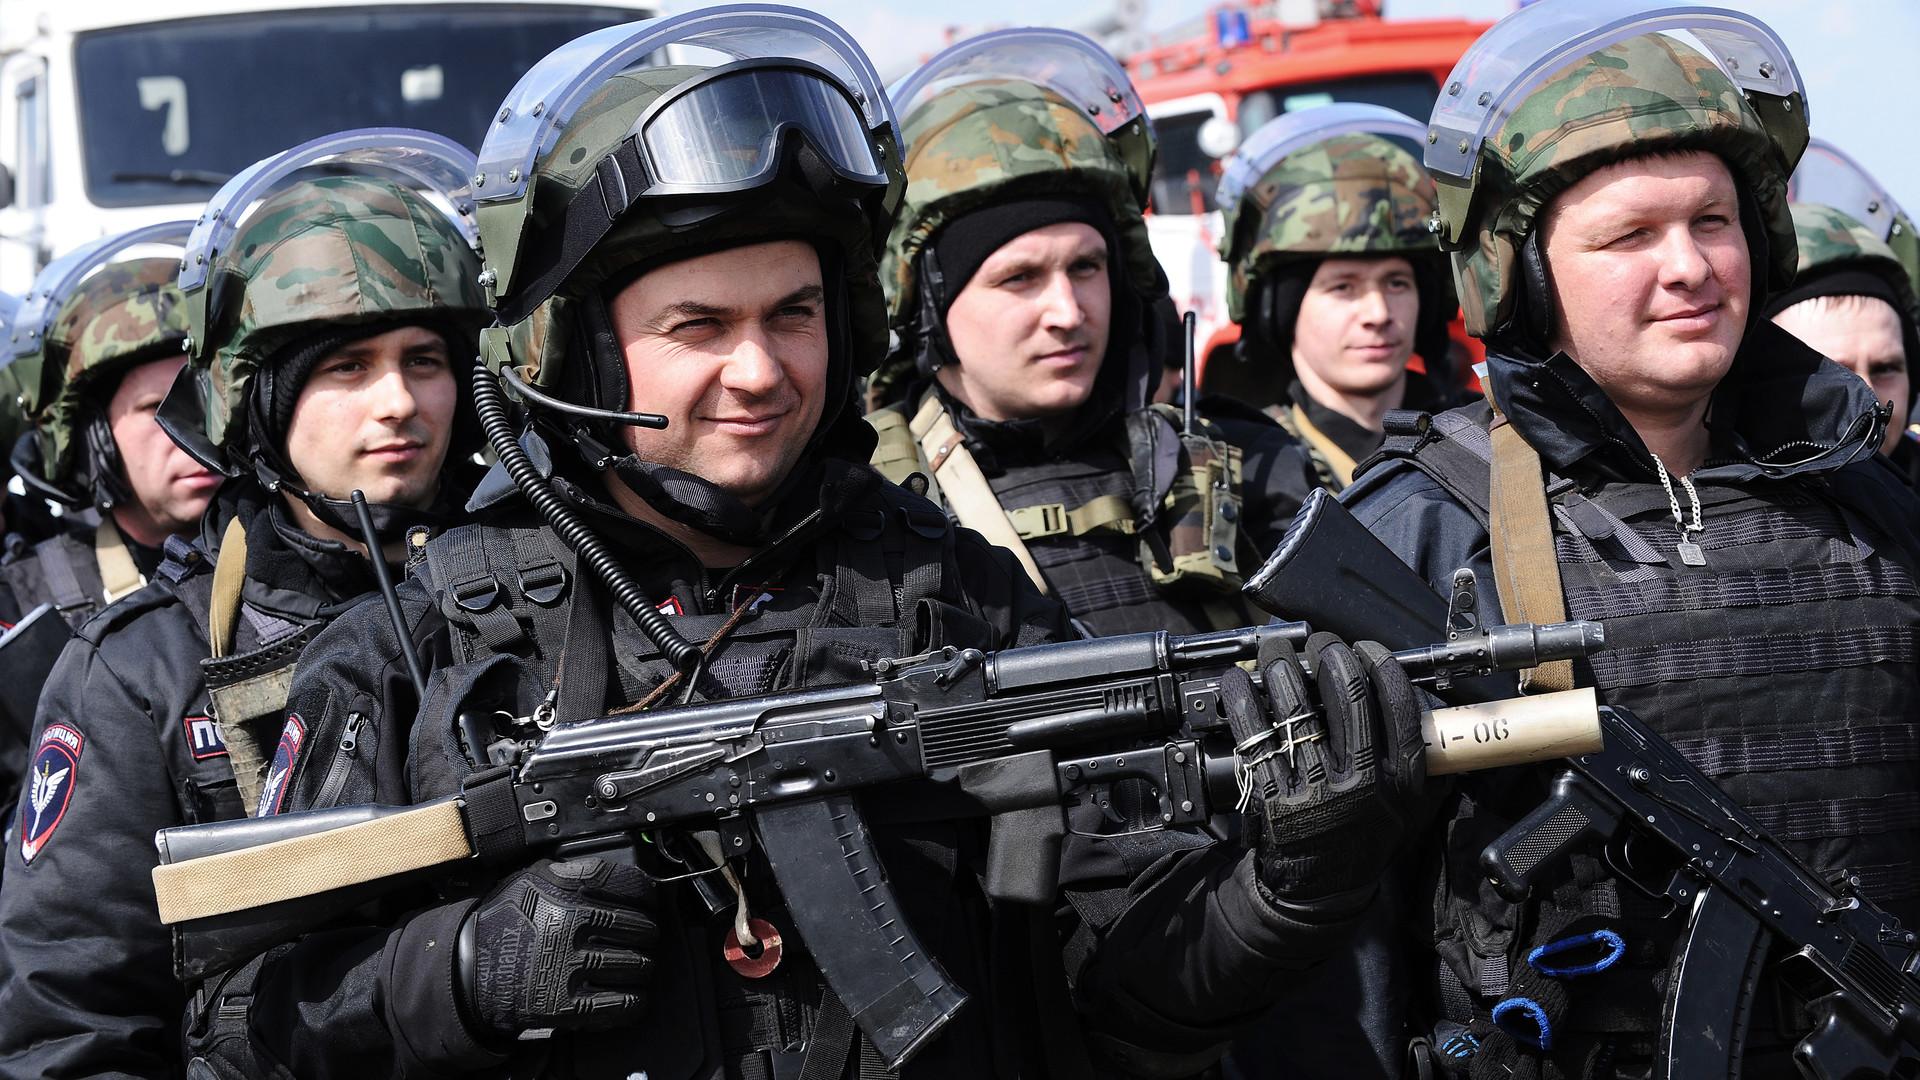 Добро с кулаками: безопасность российских послов могут усилить спецназом